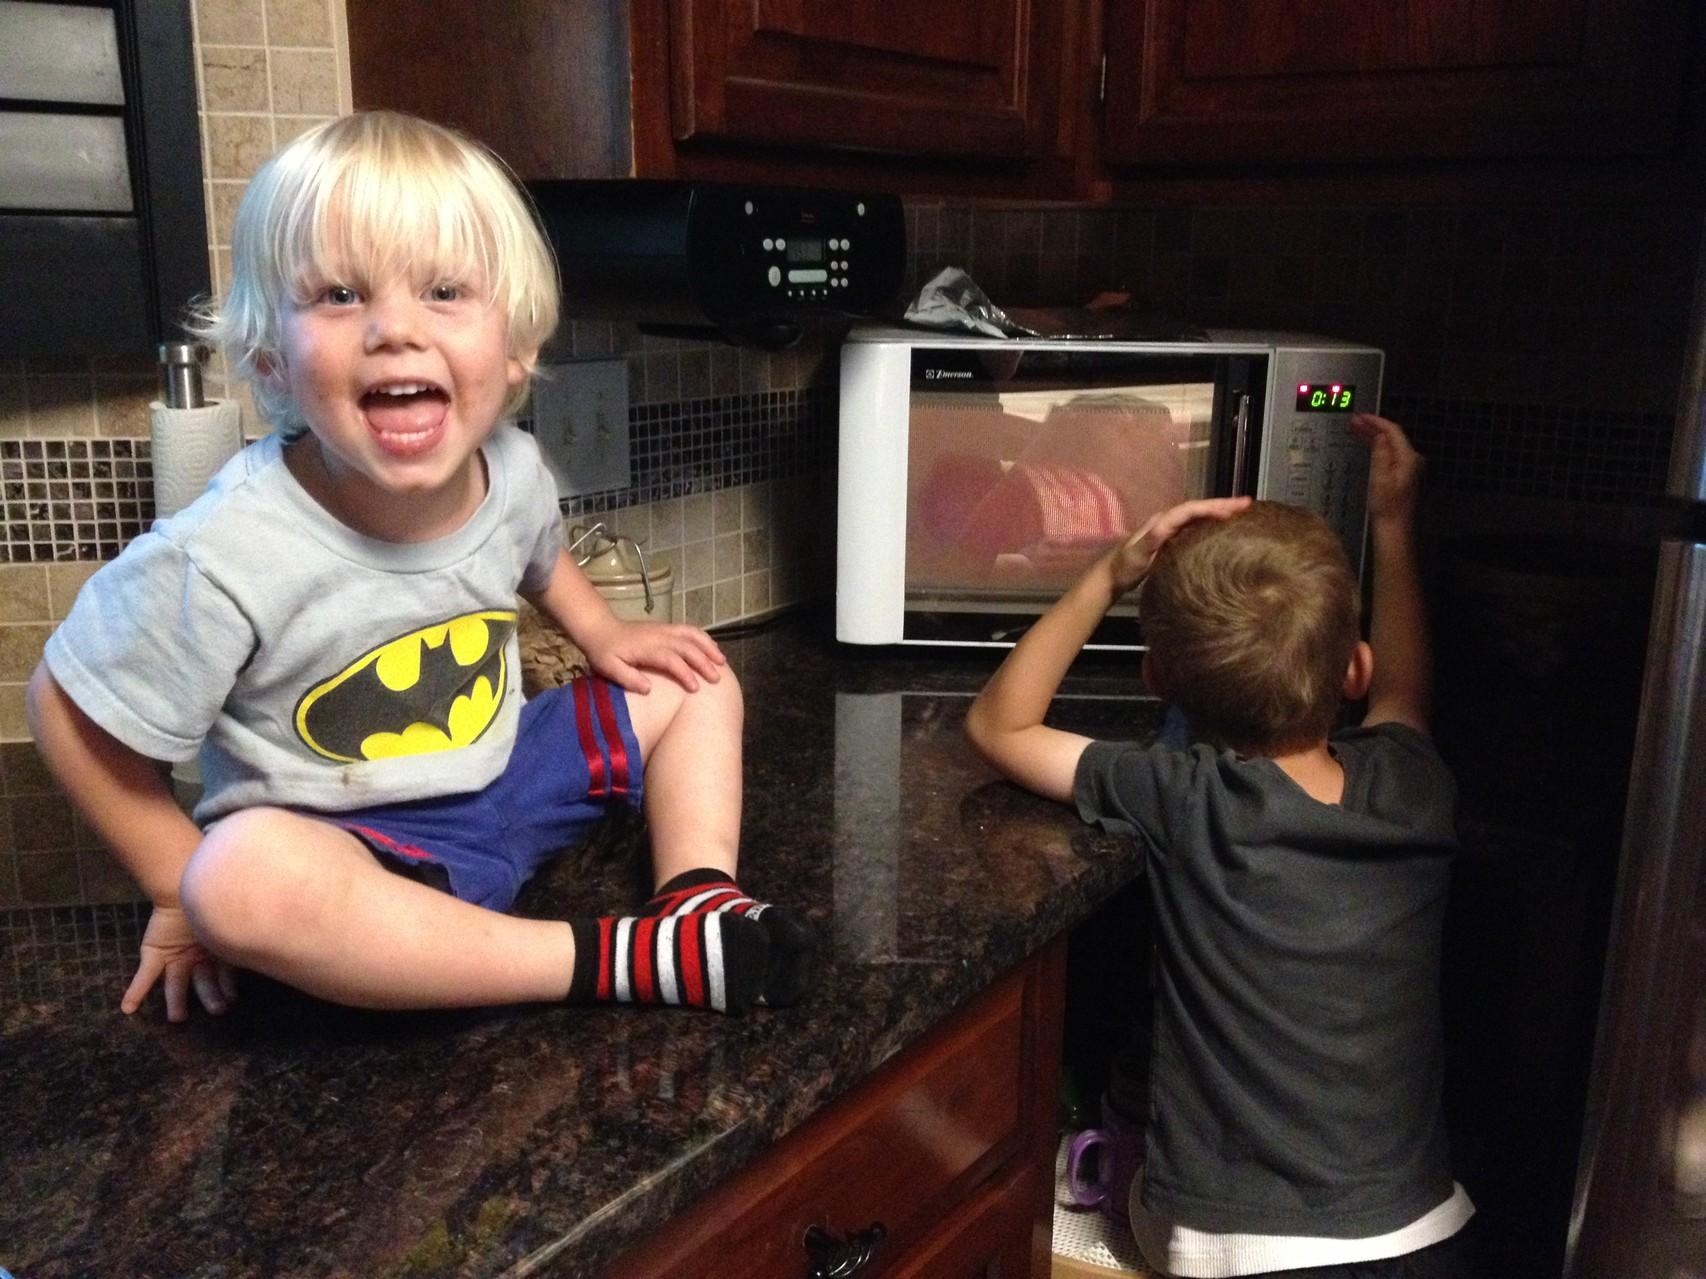 gespannt warten, dass das Mikrowellen-Popcorn fertig ist